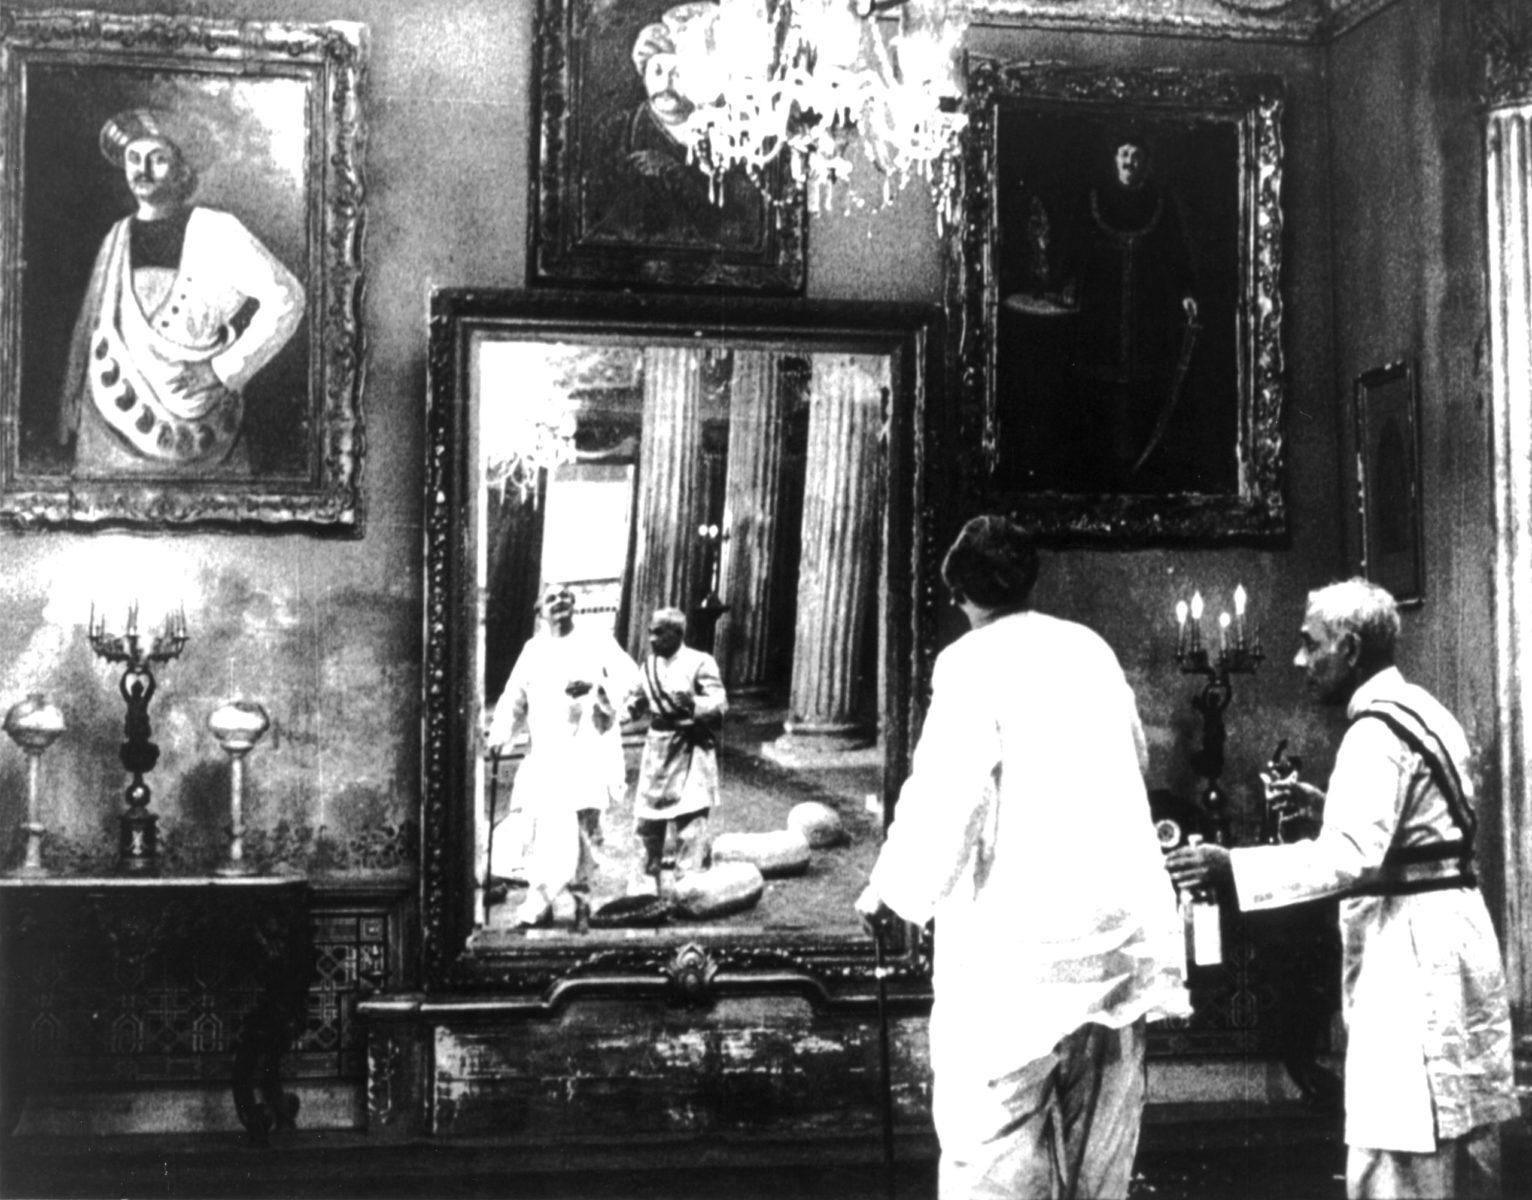 La Salon de musique de Satyajit RAY (1958)